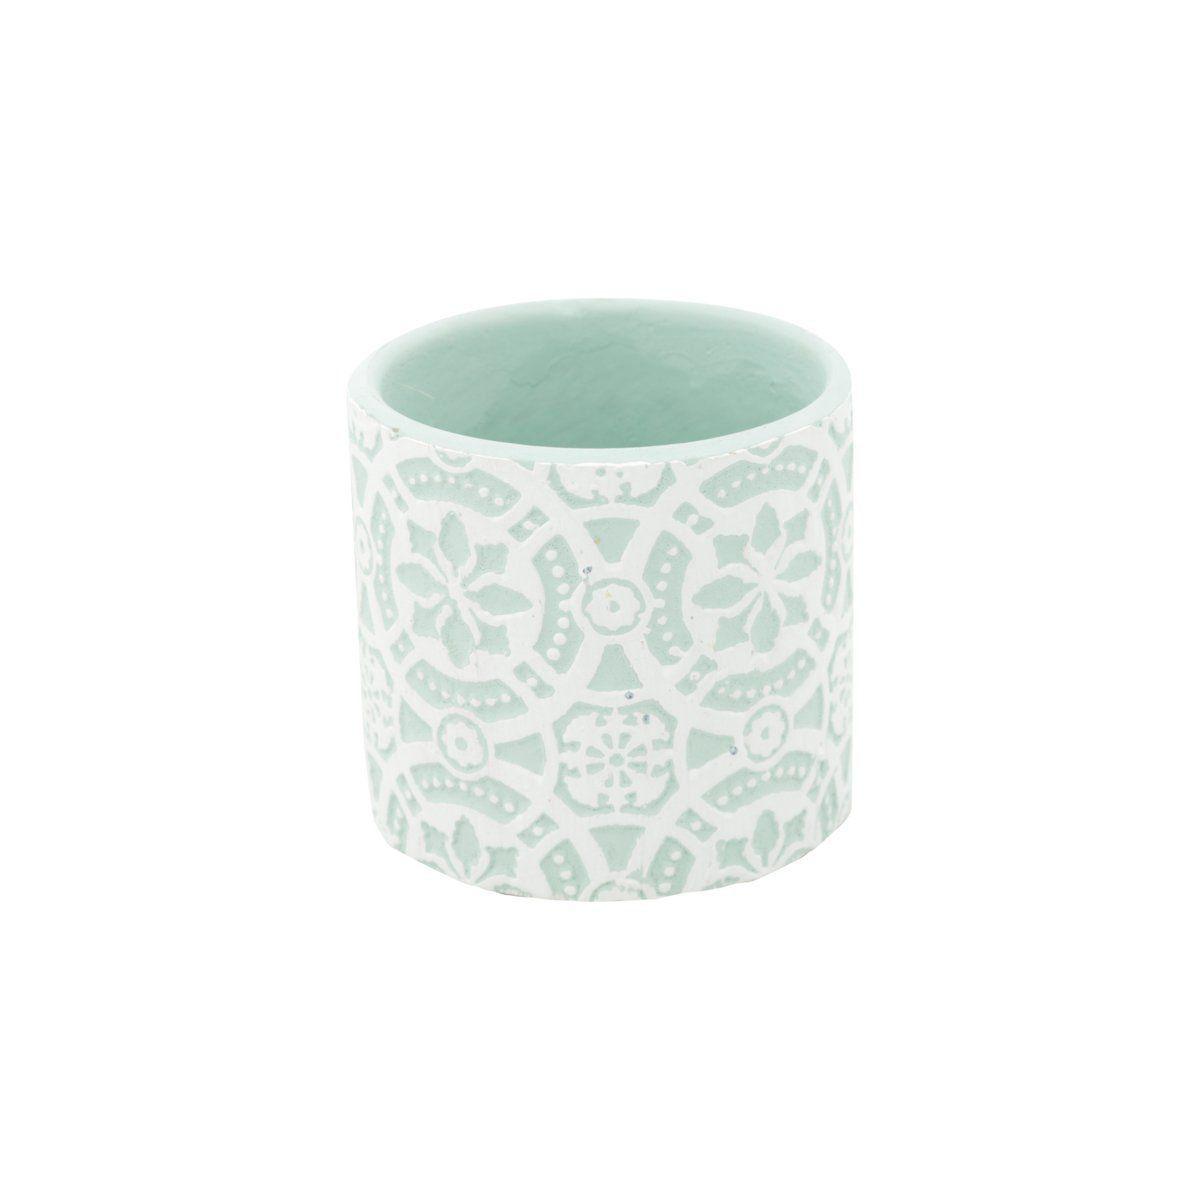 Vaso de Cerâmica Royal Flores Verde com Branco 6,5cm x 7cm - 42132